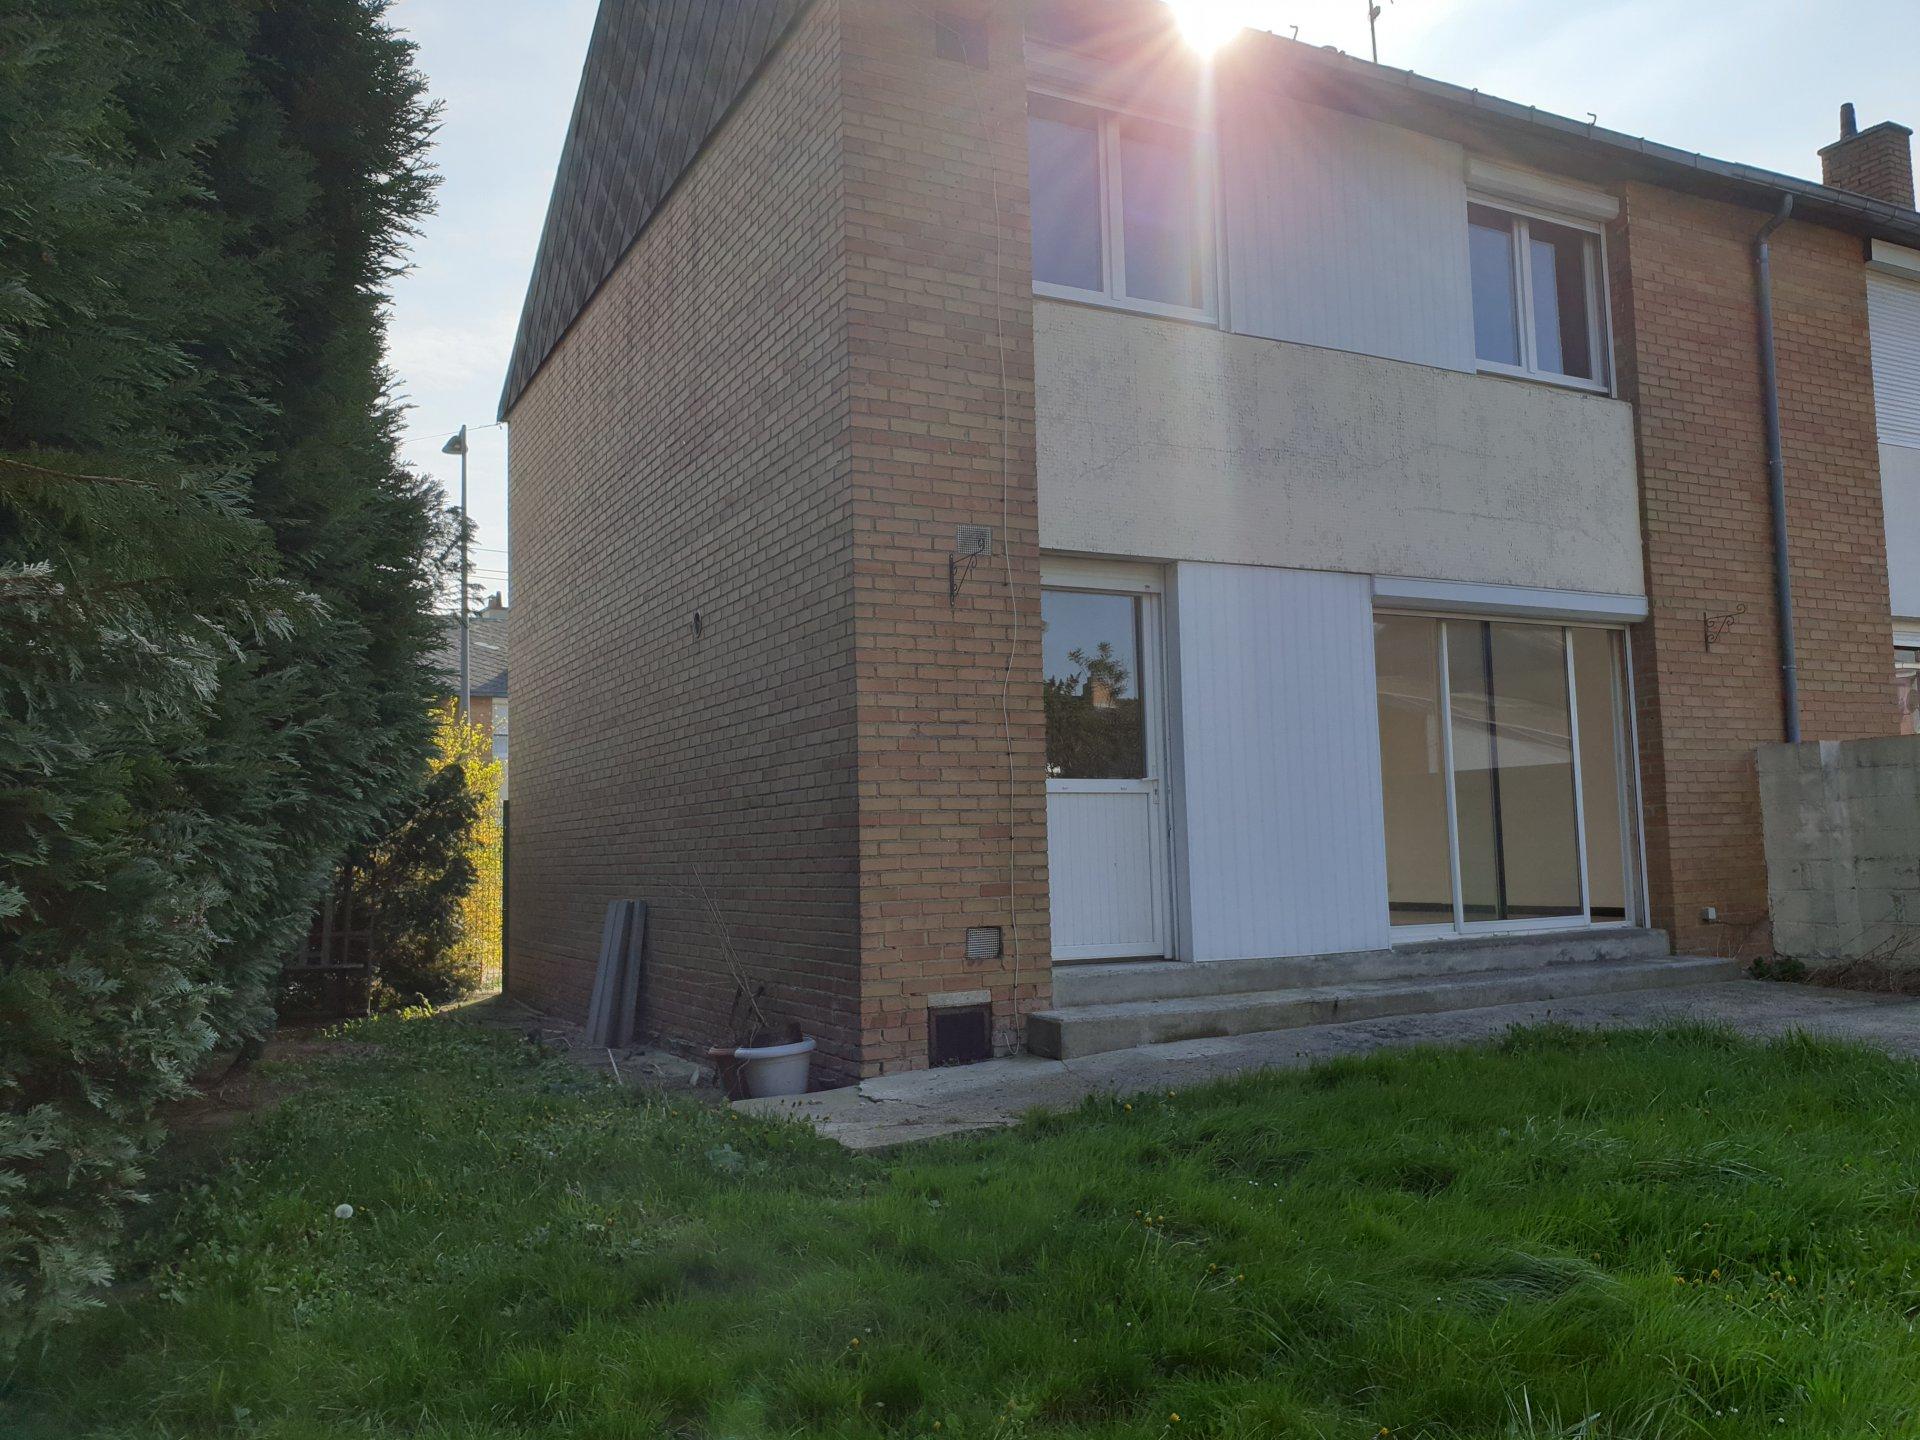 Vente maison dans un quartier calme